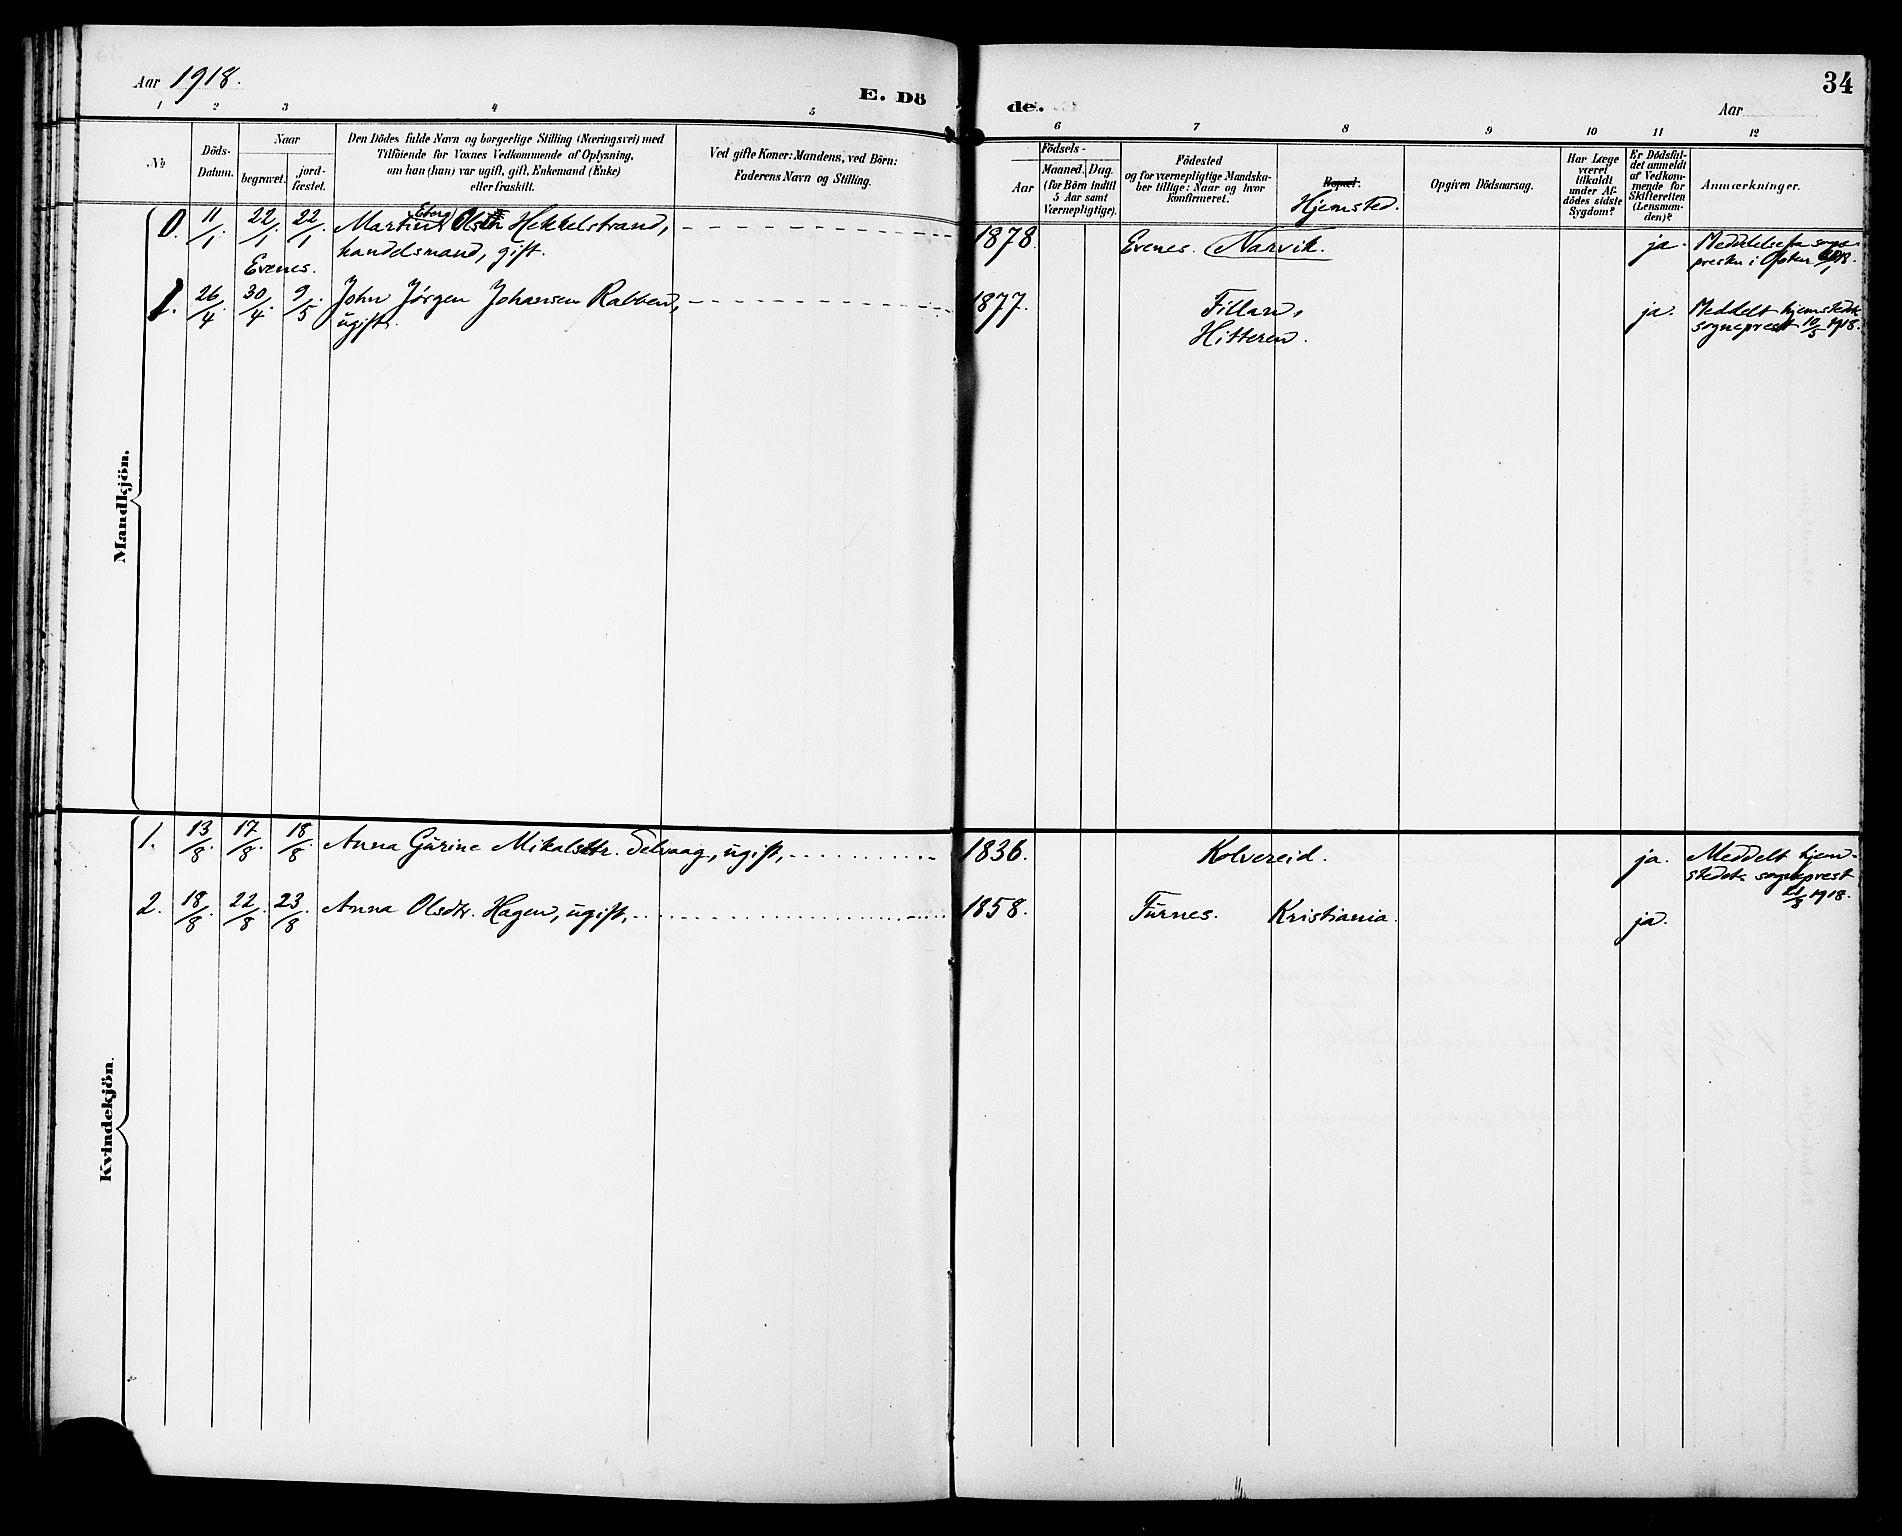 SAT, Ministerialprotokoller, klokkerbøker og fødselsregistre - Sør-Trøndelag, 629/L0486: Ministerialbok nr. 629A02, 1894-1919, s. 34